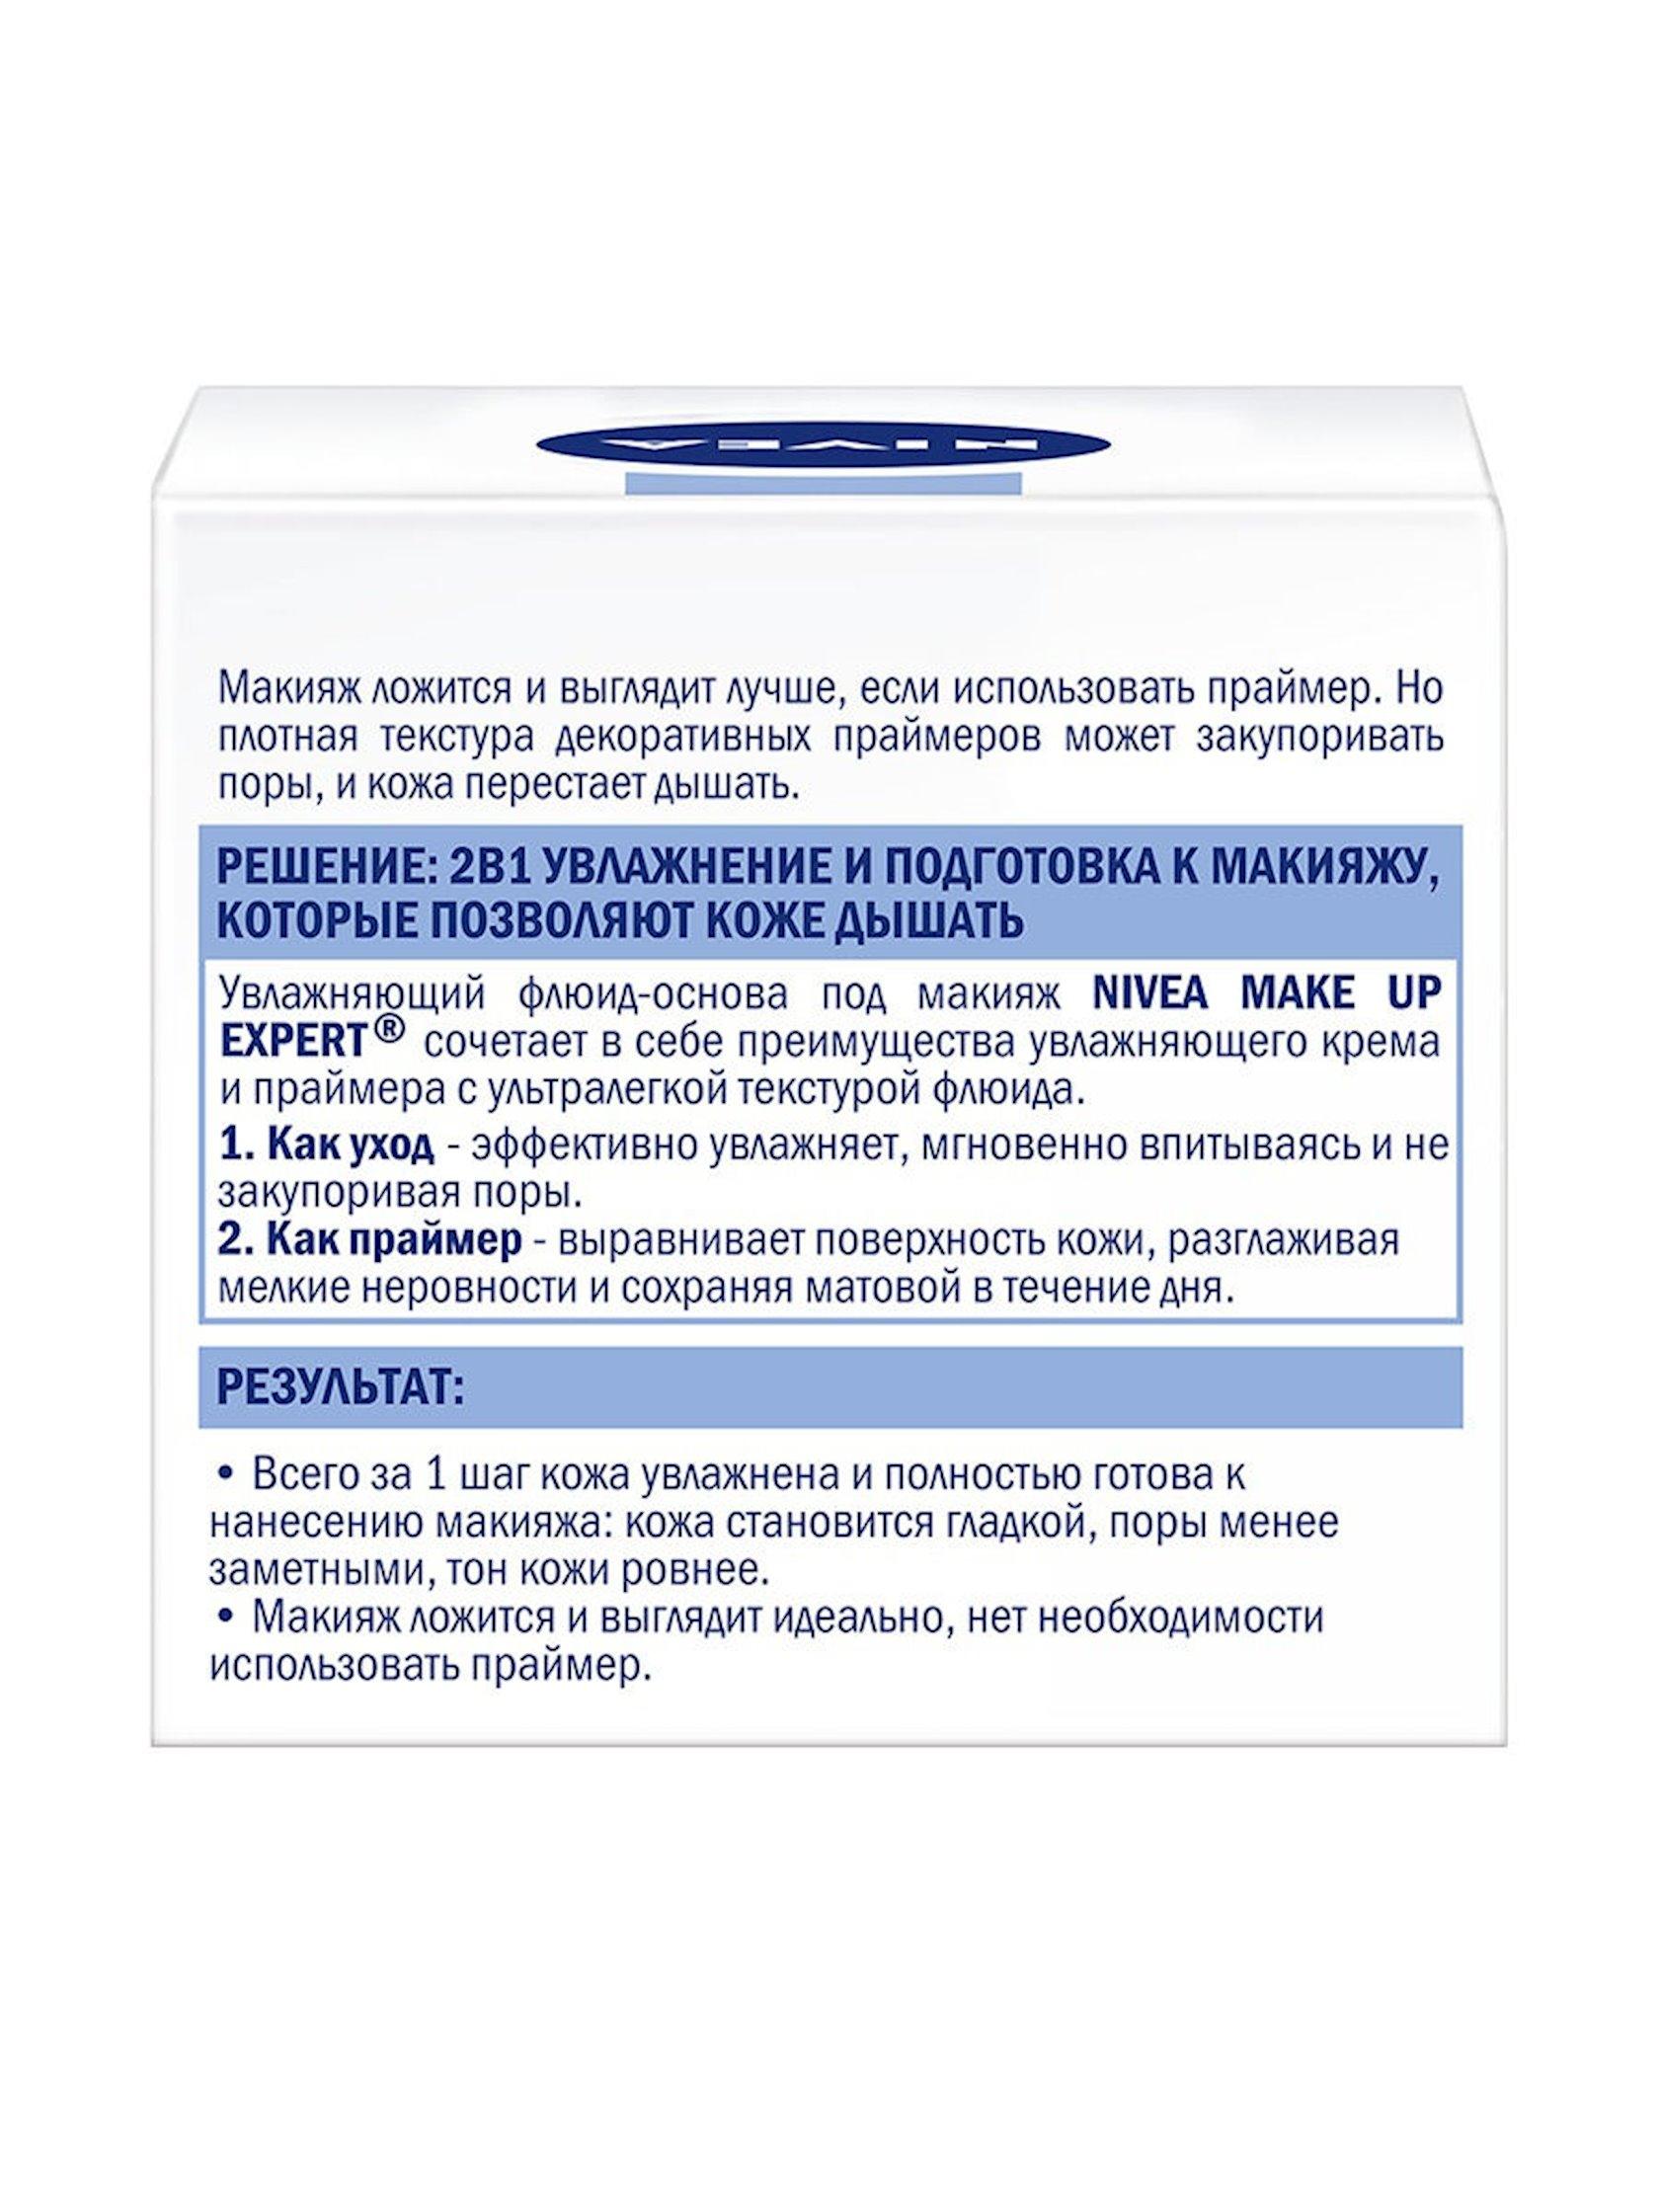 Krem-flüid üz üçün Nivea Make Up Expert 2si 1də makiyaj bazası normal və qarışıq dəri üçün 50 ml